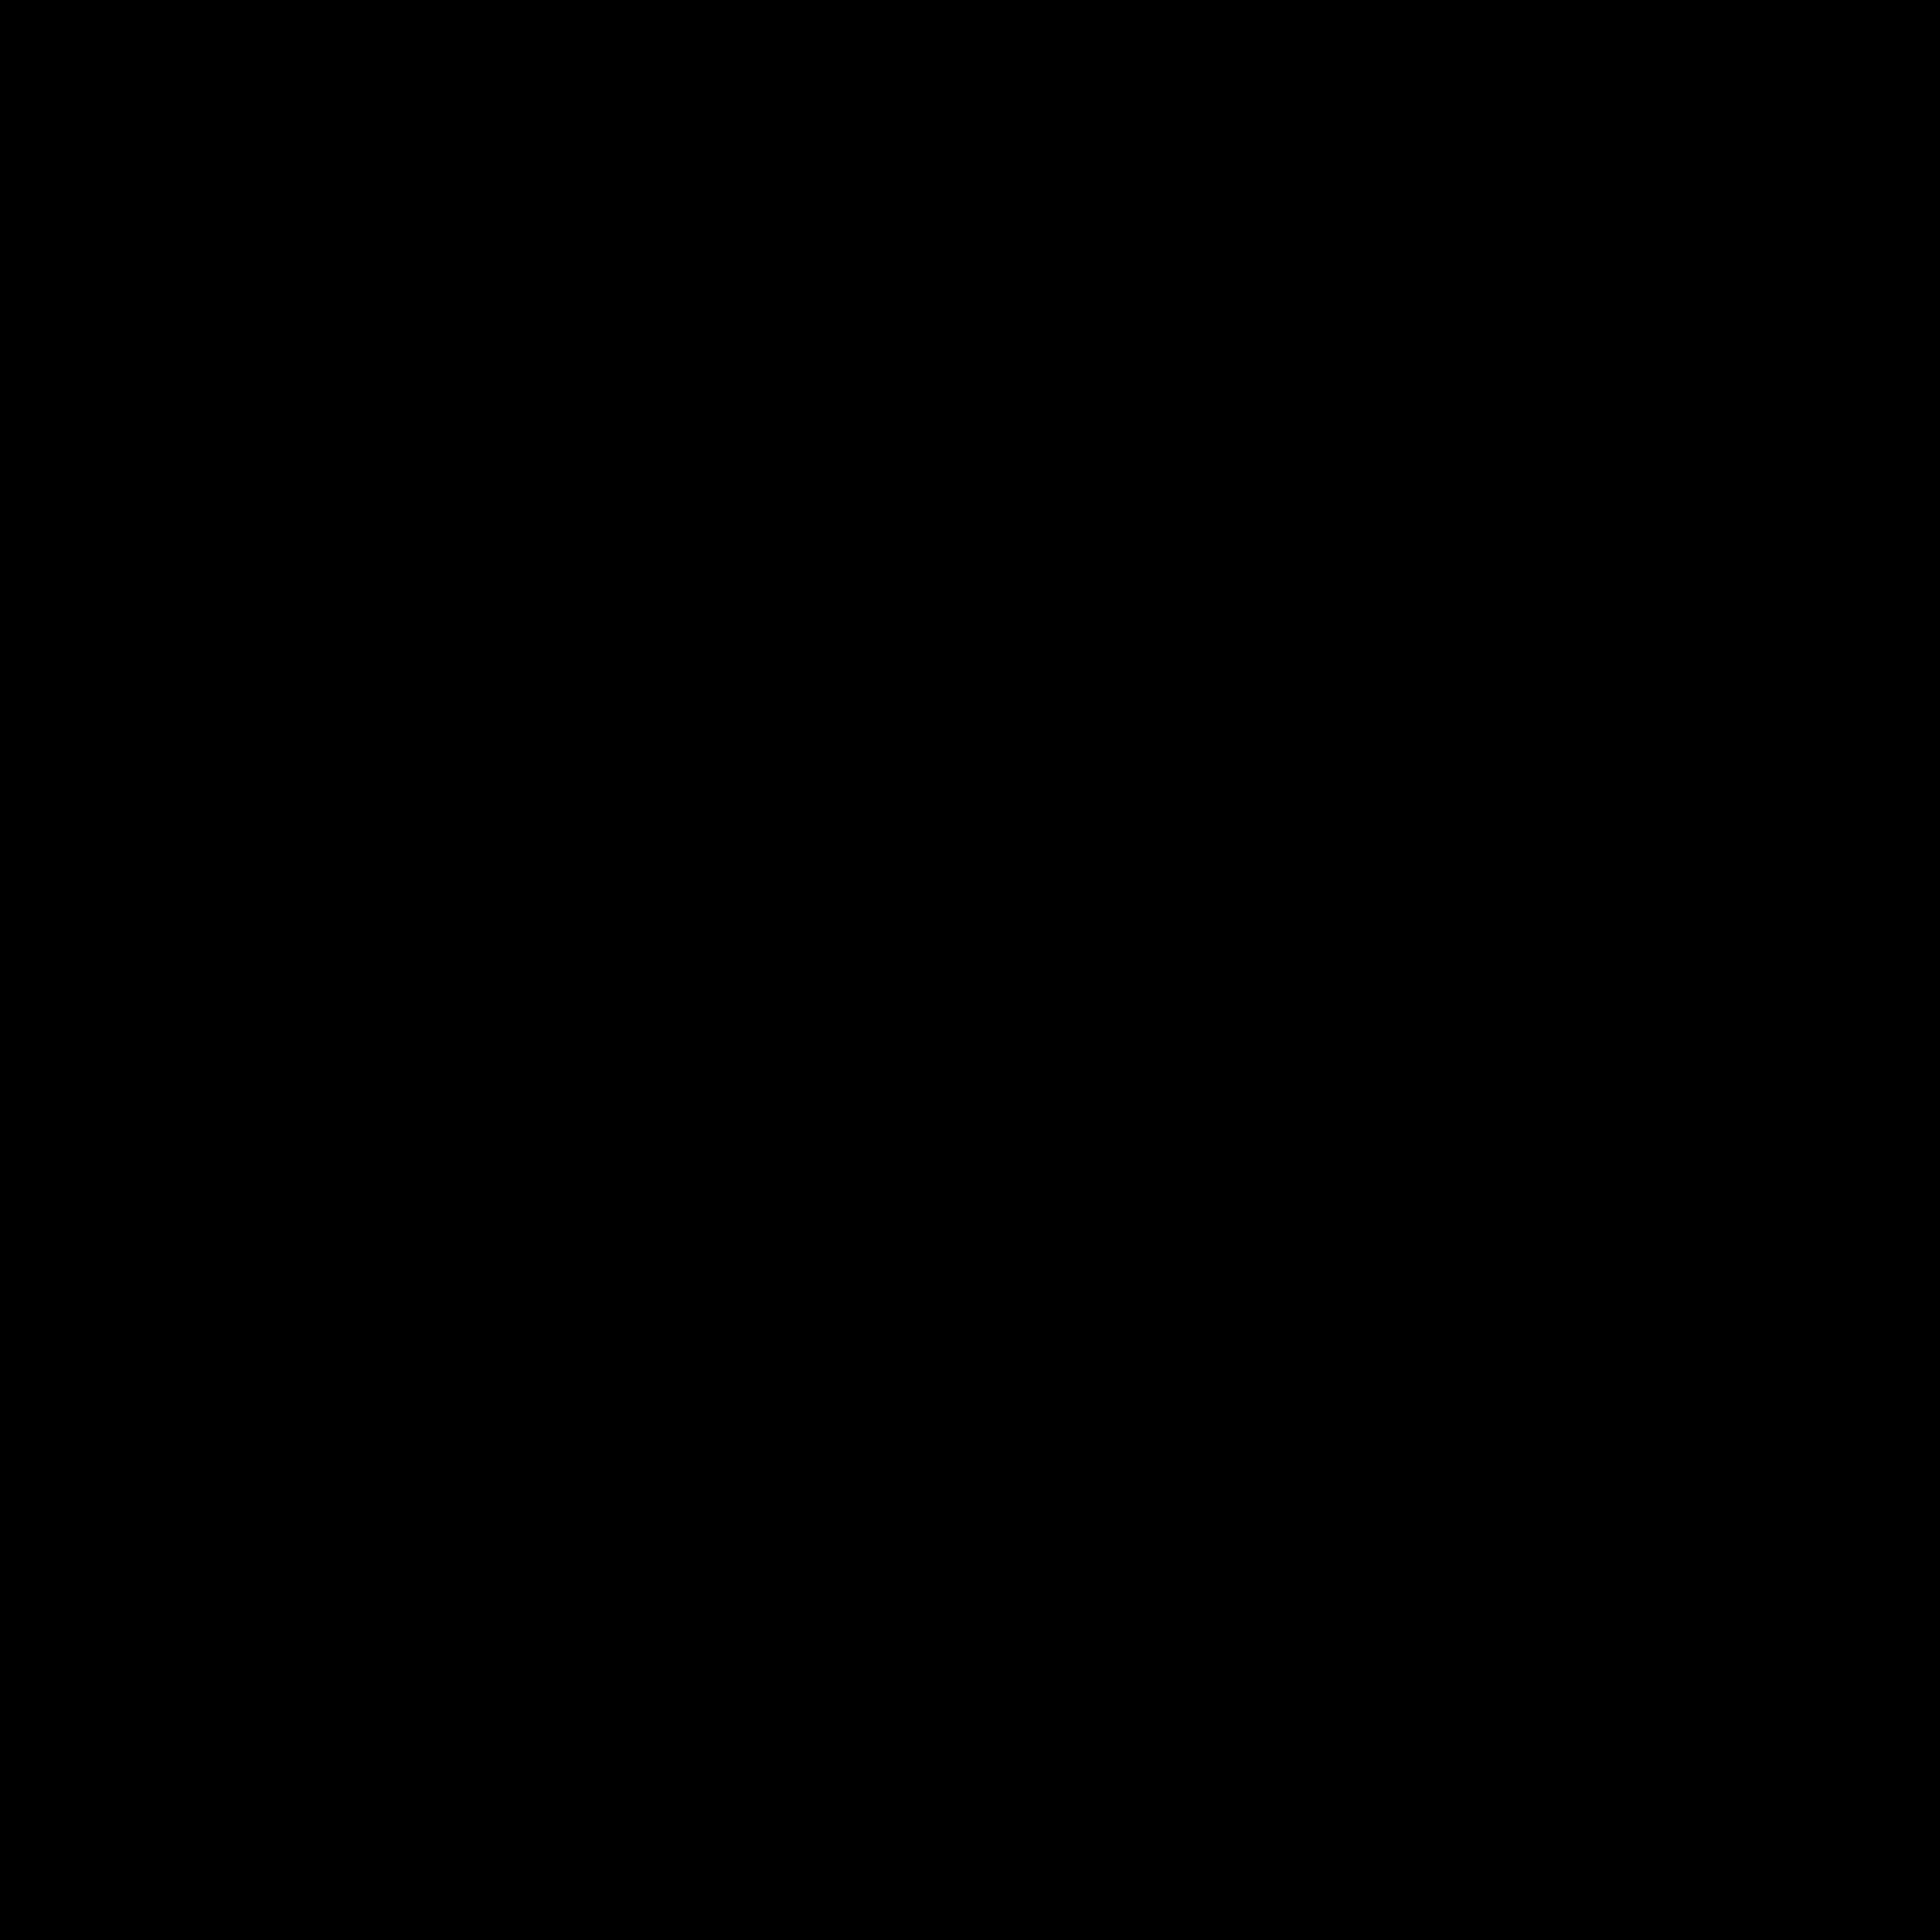 Portside Picks Diane lamprey